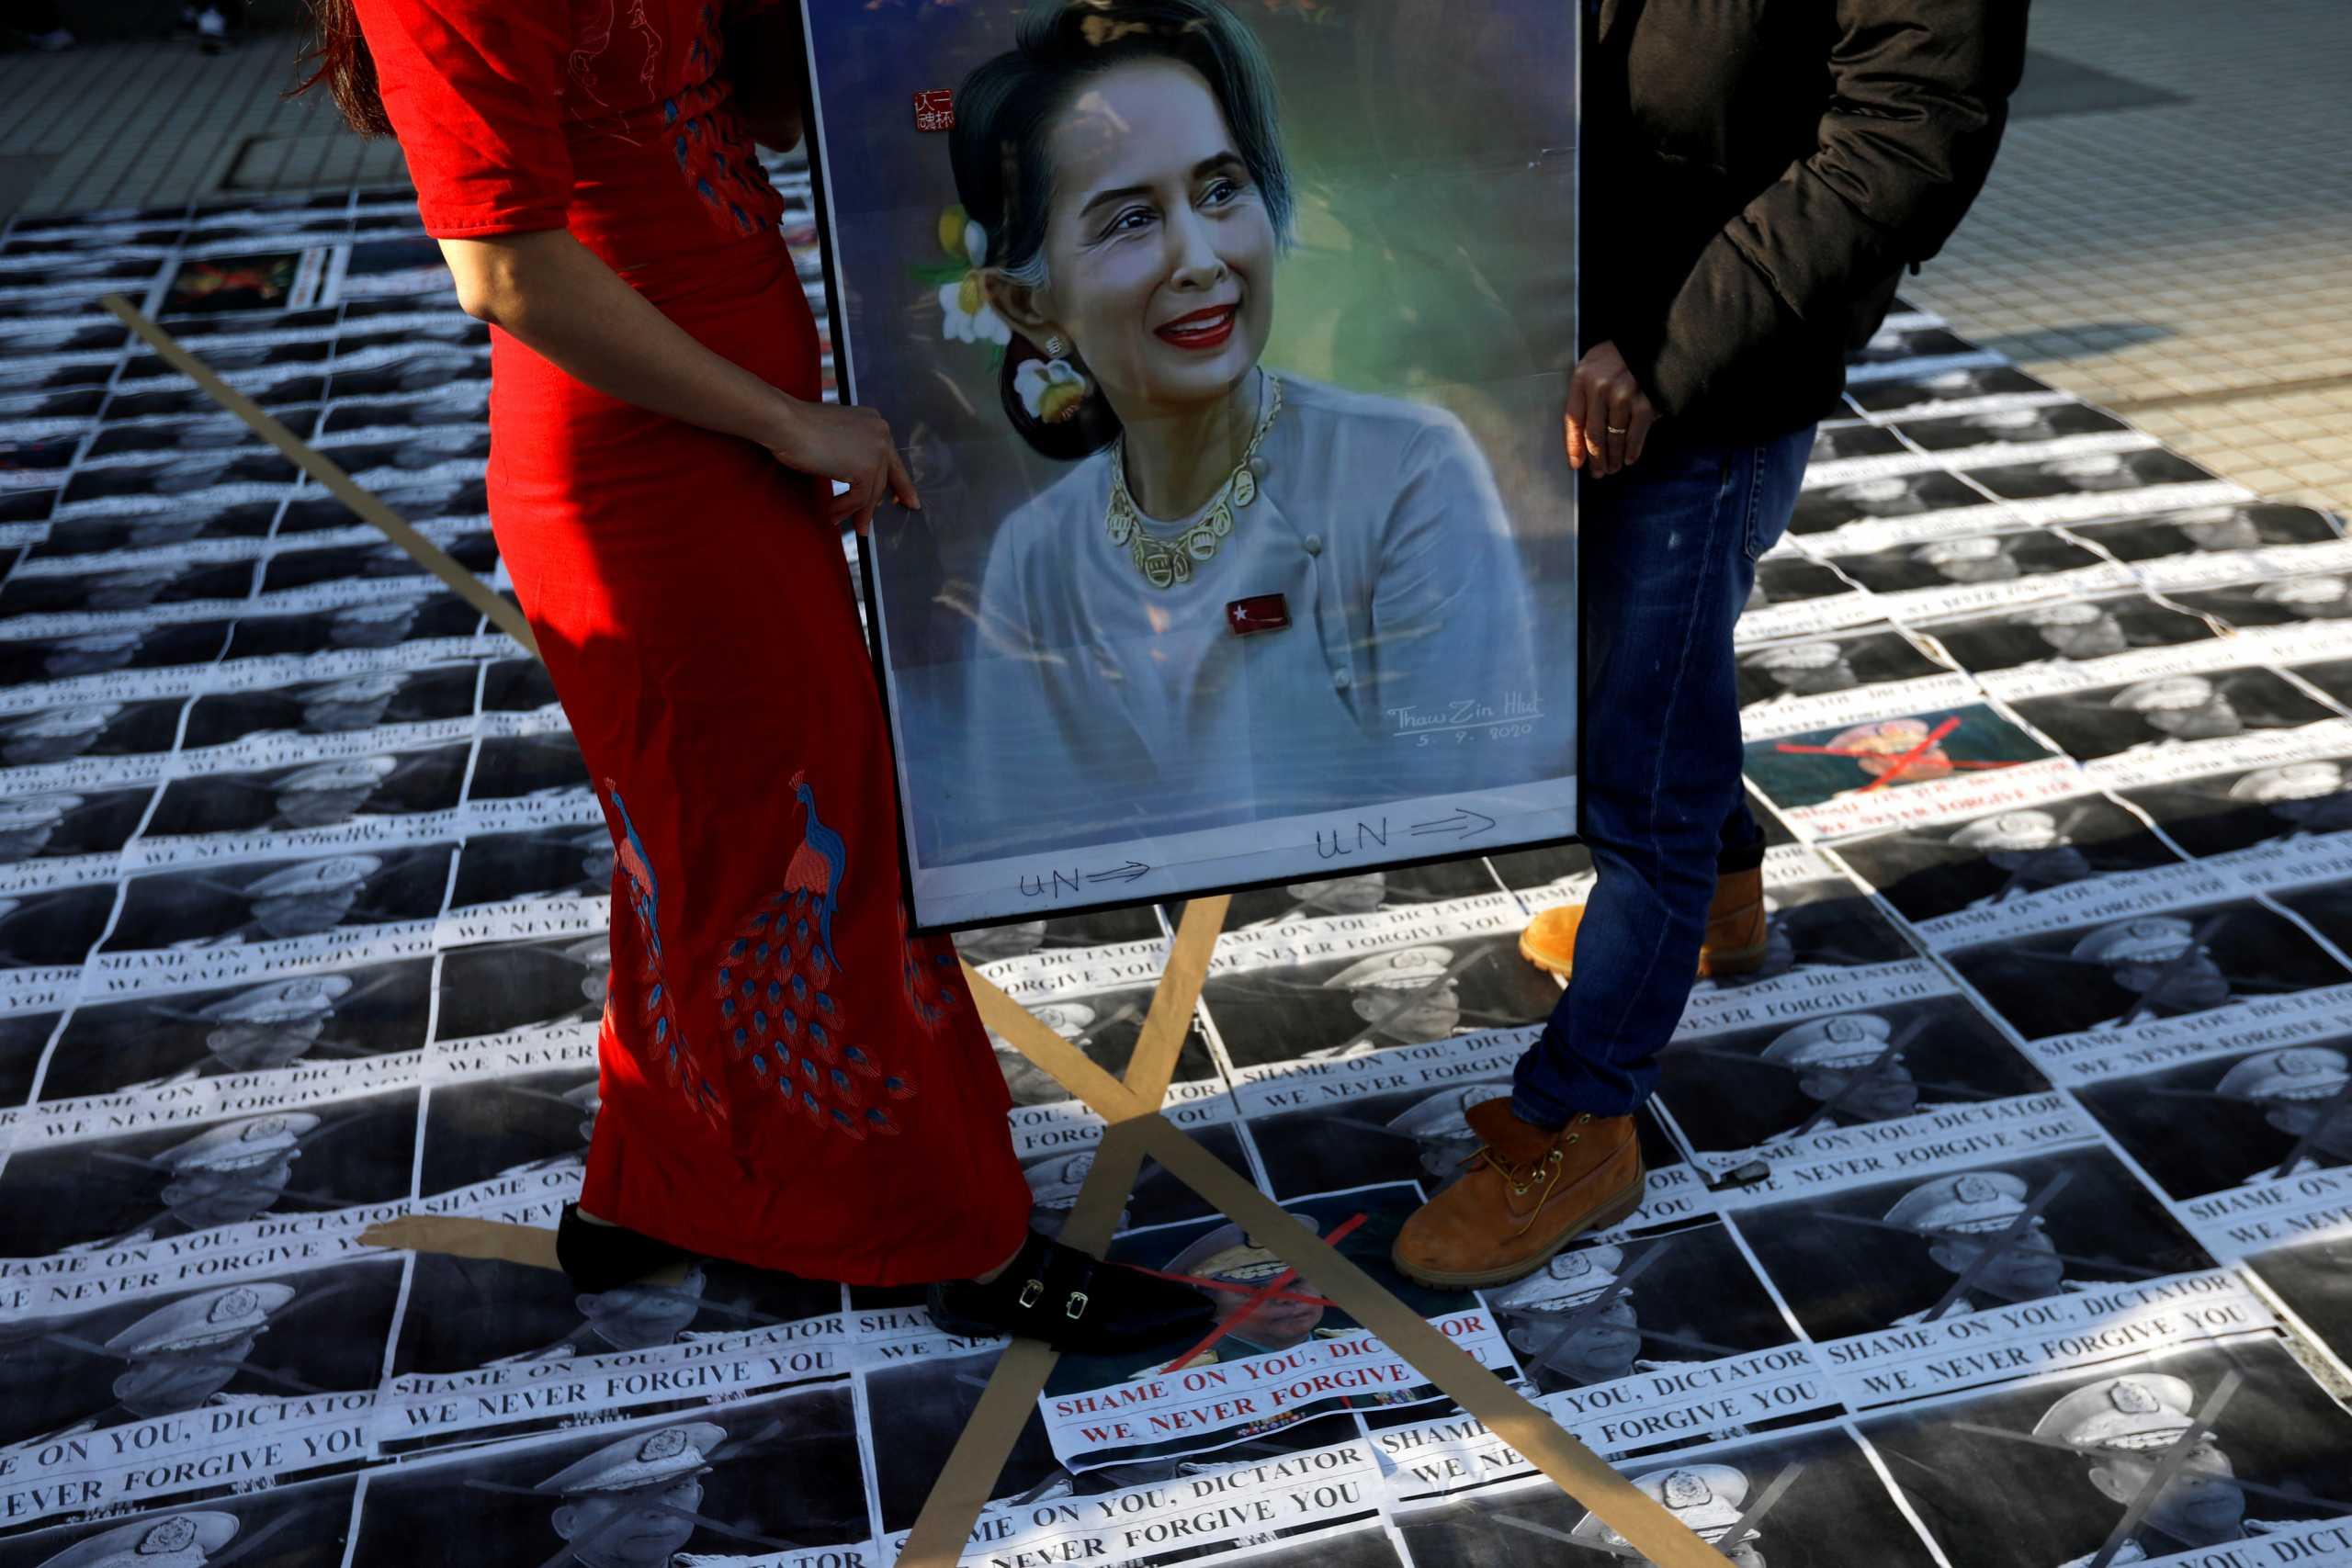 Πραξικόπημα στην Μιανμάρ: Την άμεση «απελευθέρωση» των πολιτικών που συνελήφθησαν ζητεί το κόμμα της Αούνγκ Σαν Σου Kι